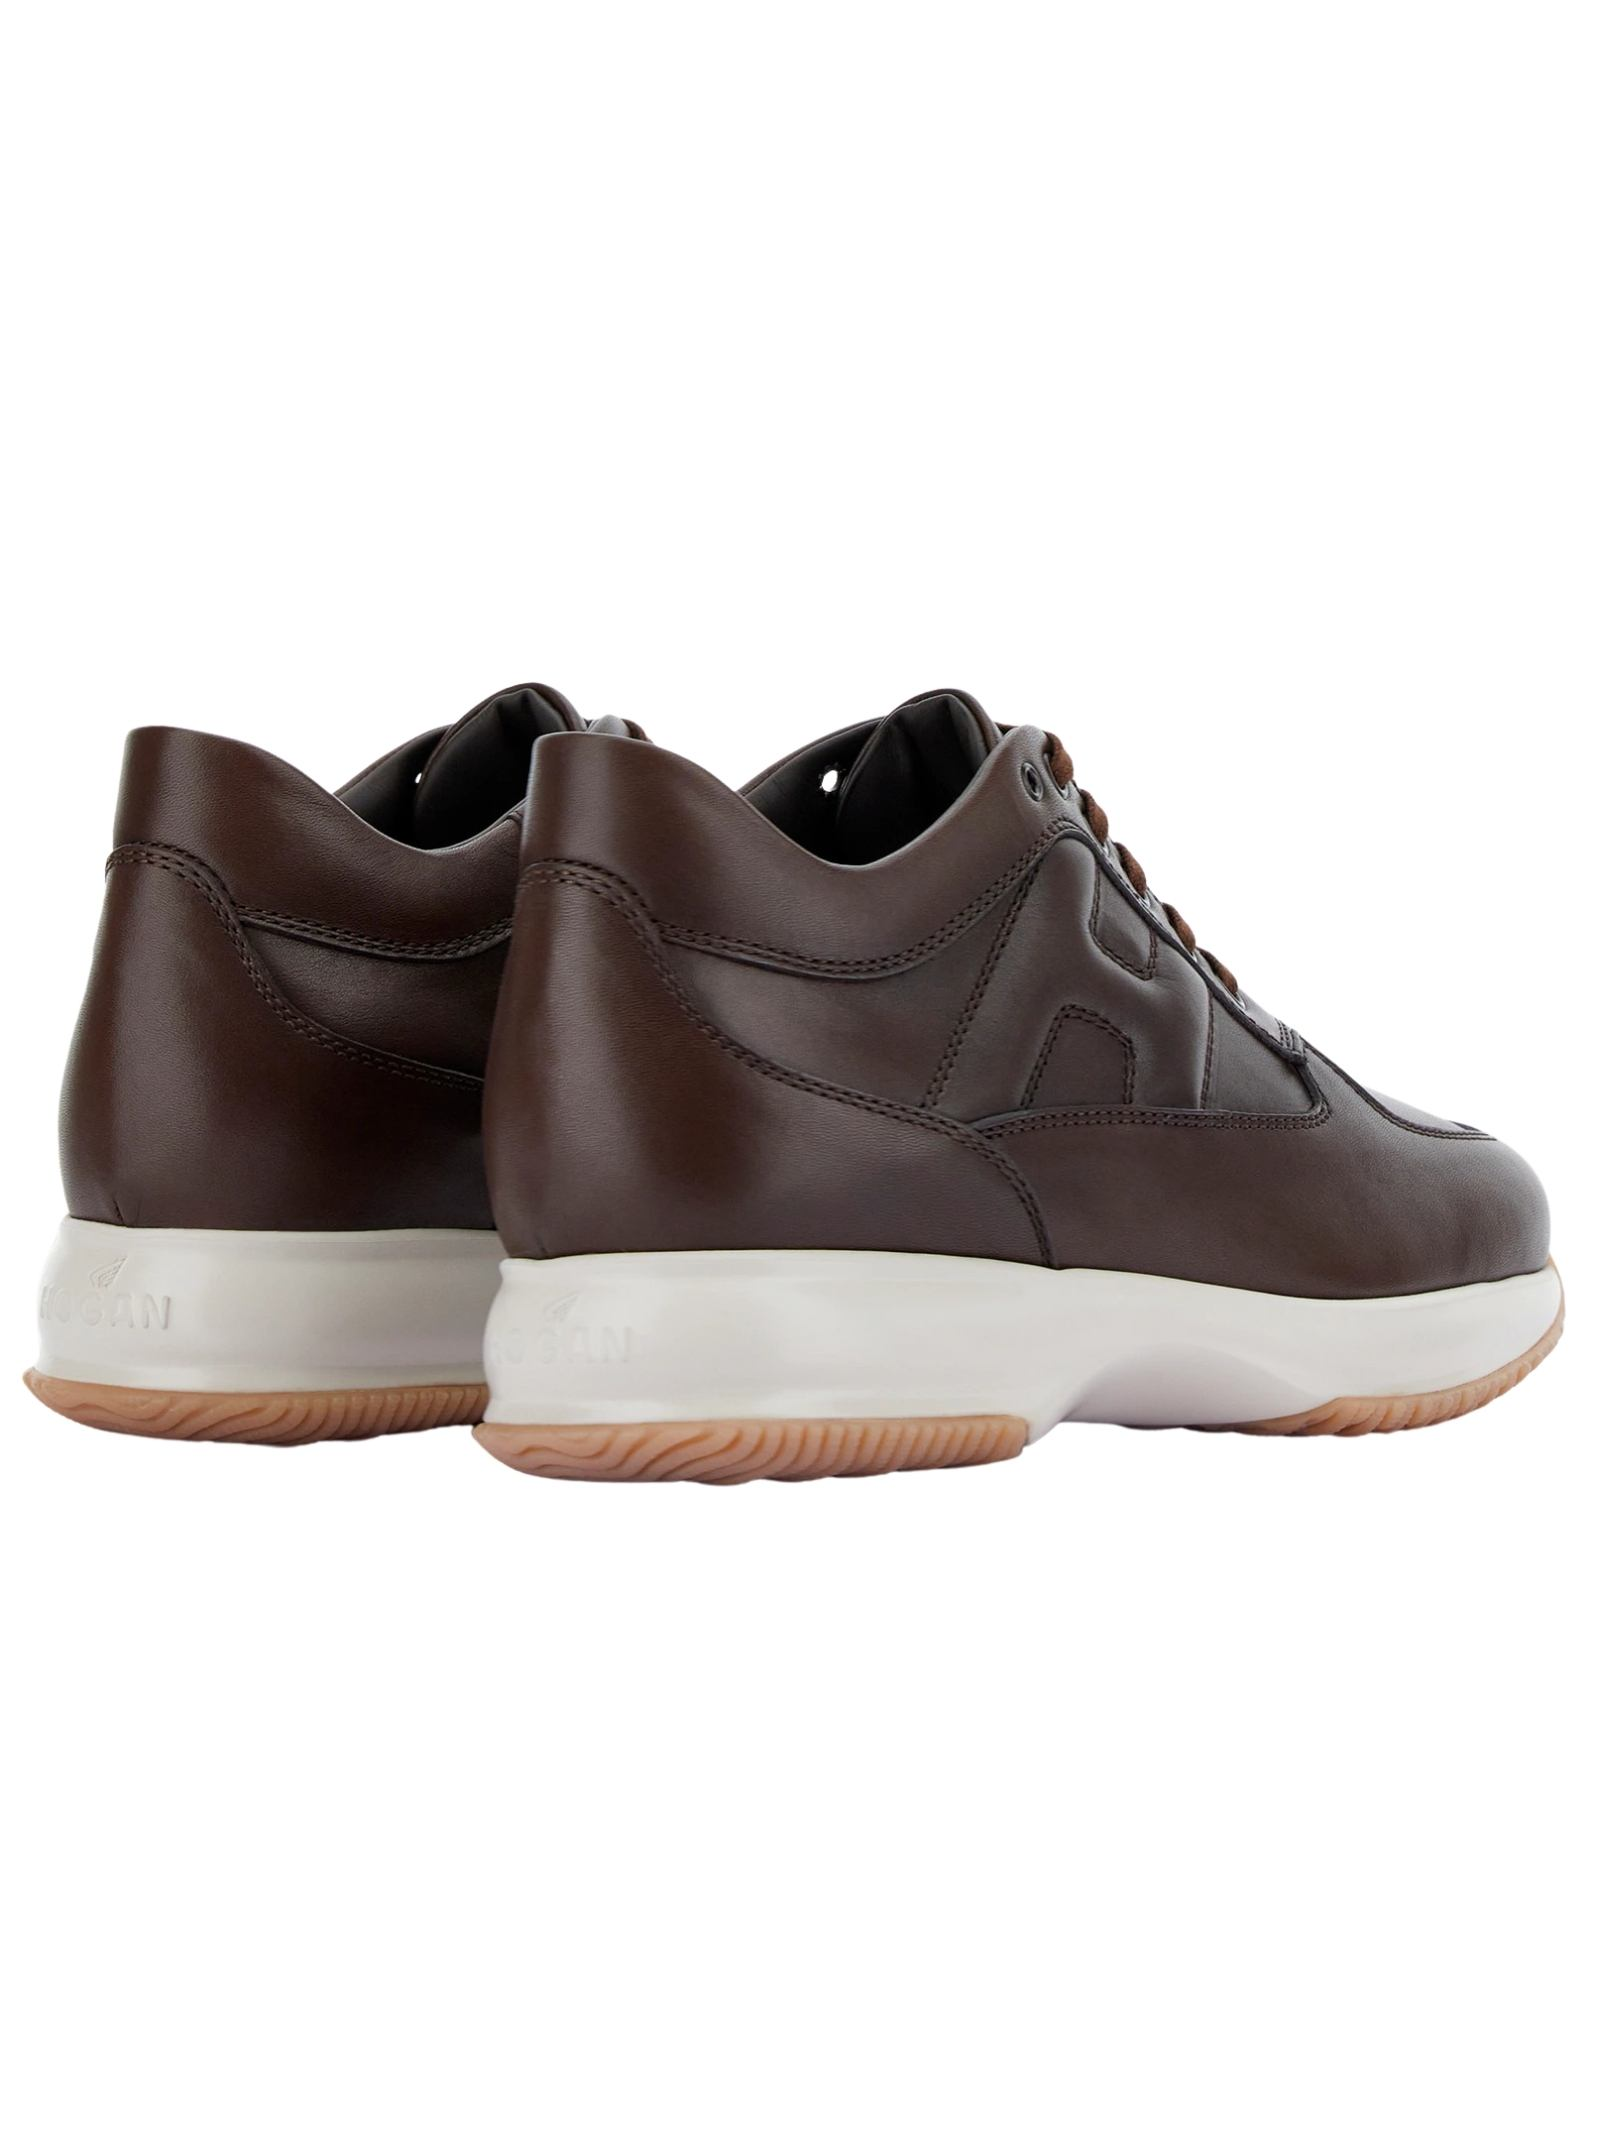 Sneakers Interactive Hogan in pelle HOGAN   Scarpe   HXM00N00010P84S610